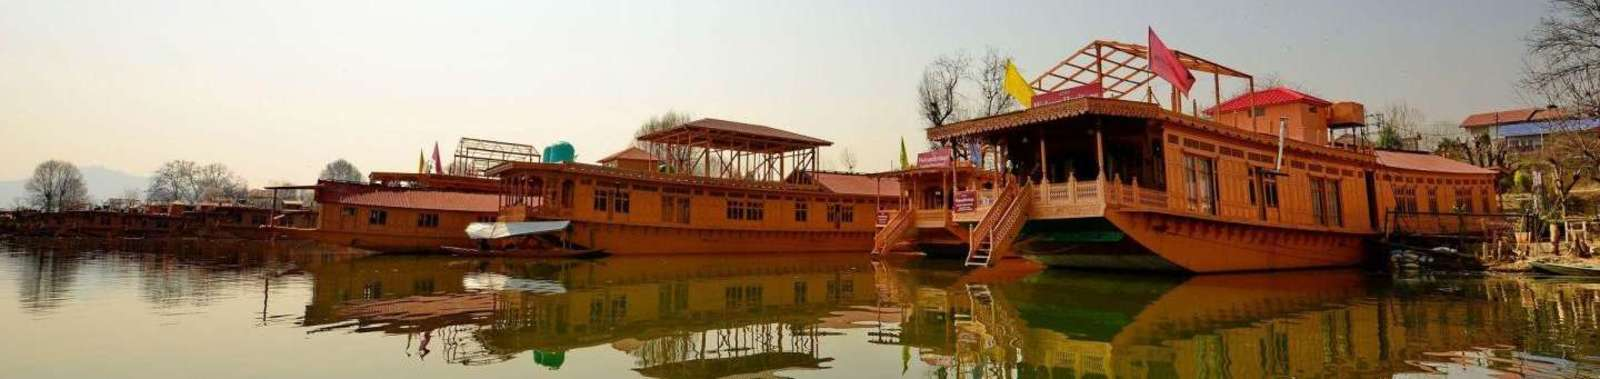 2GurkhaHouseboat